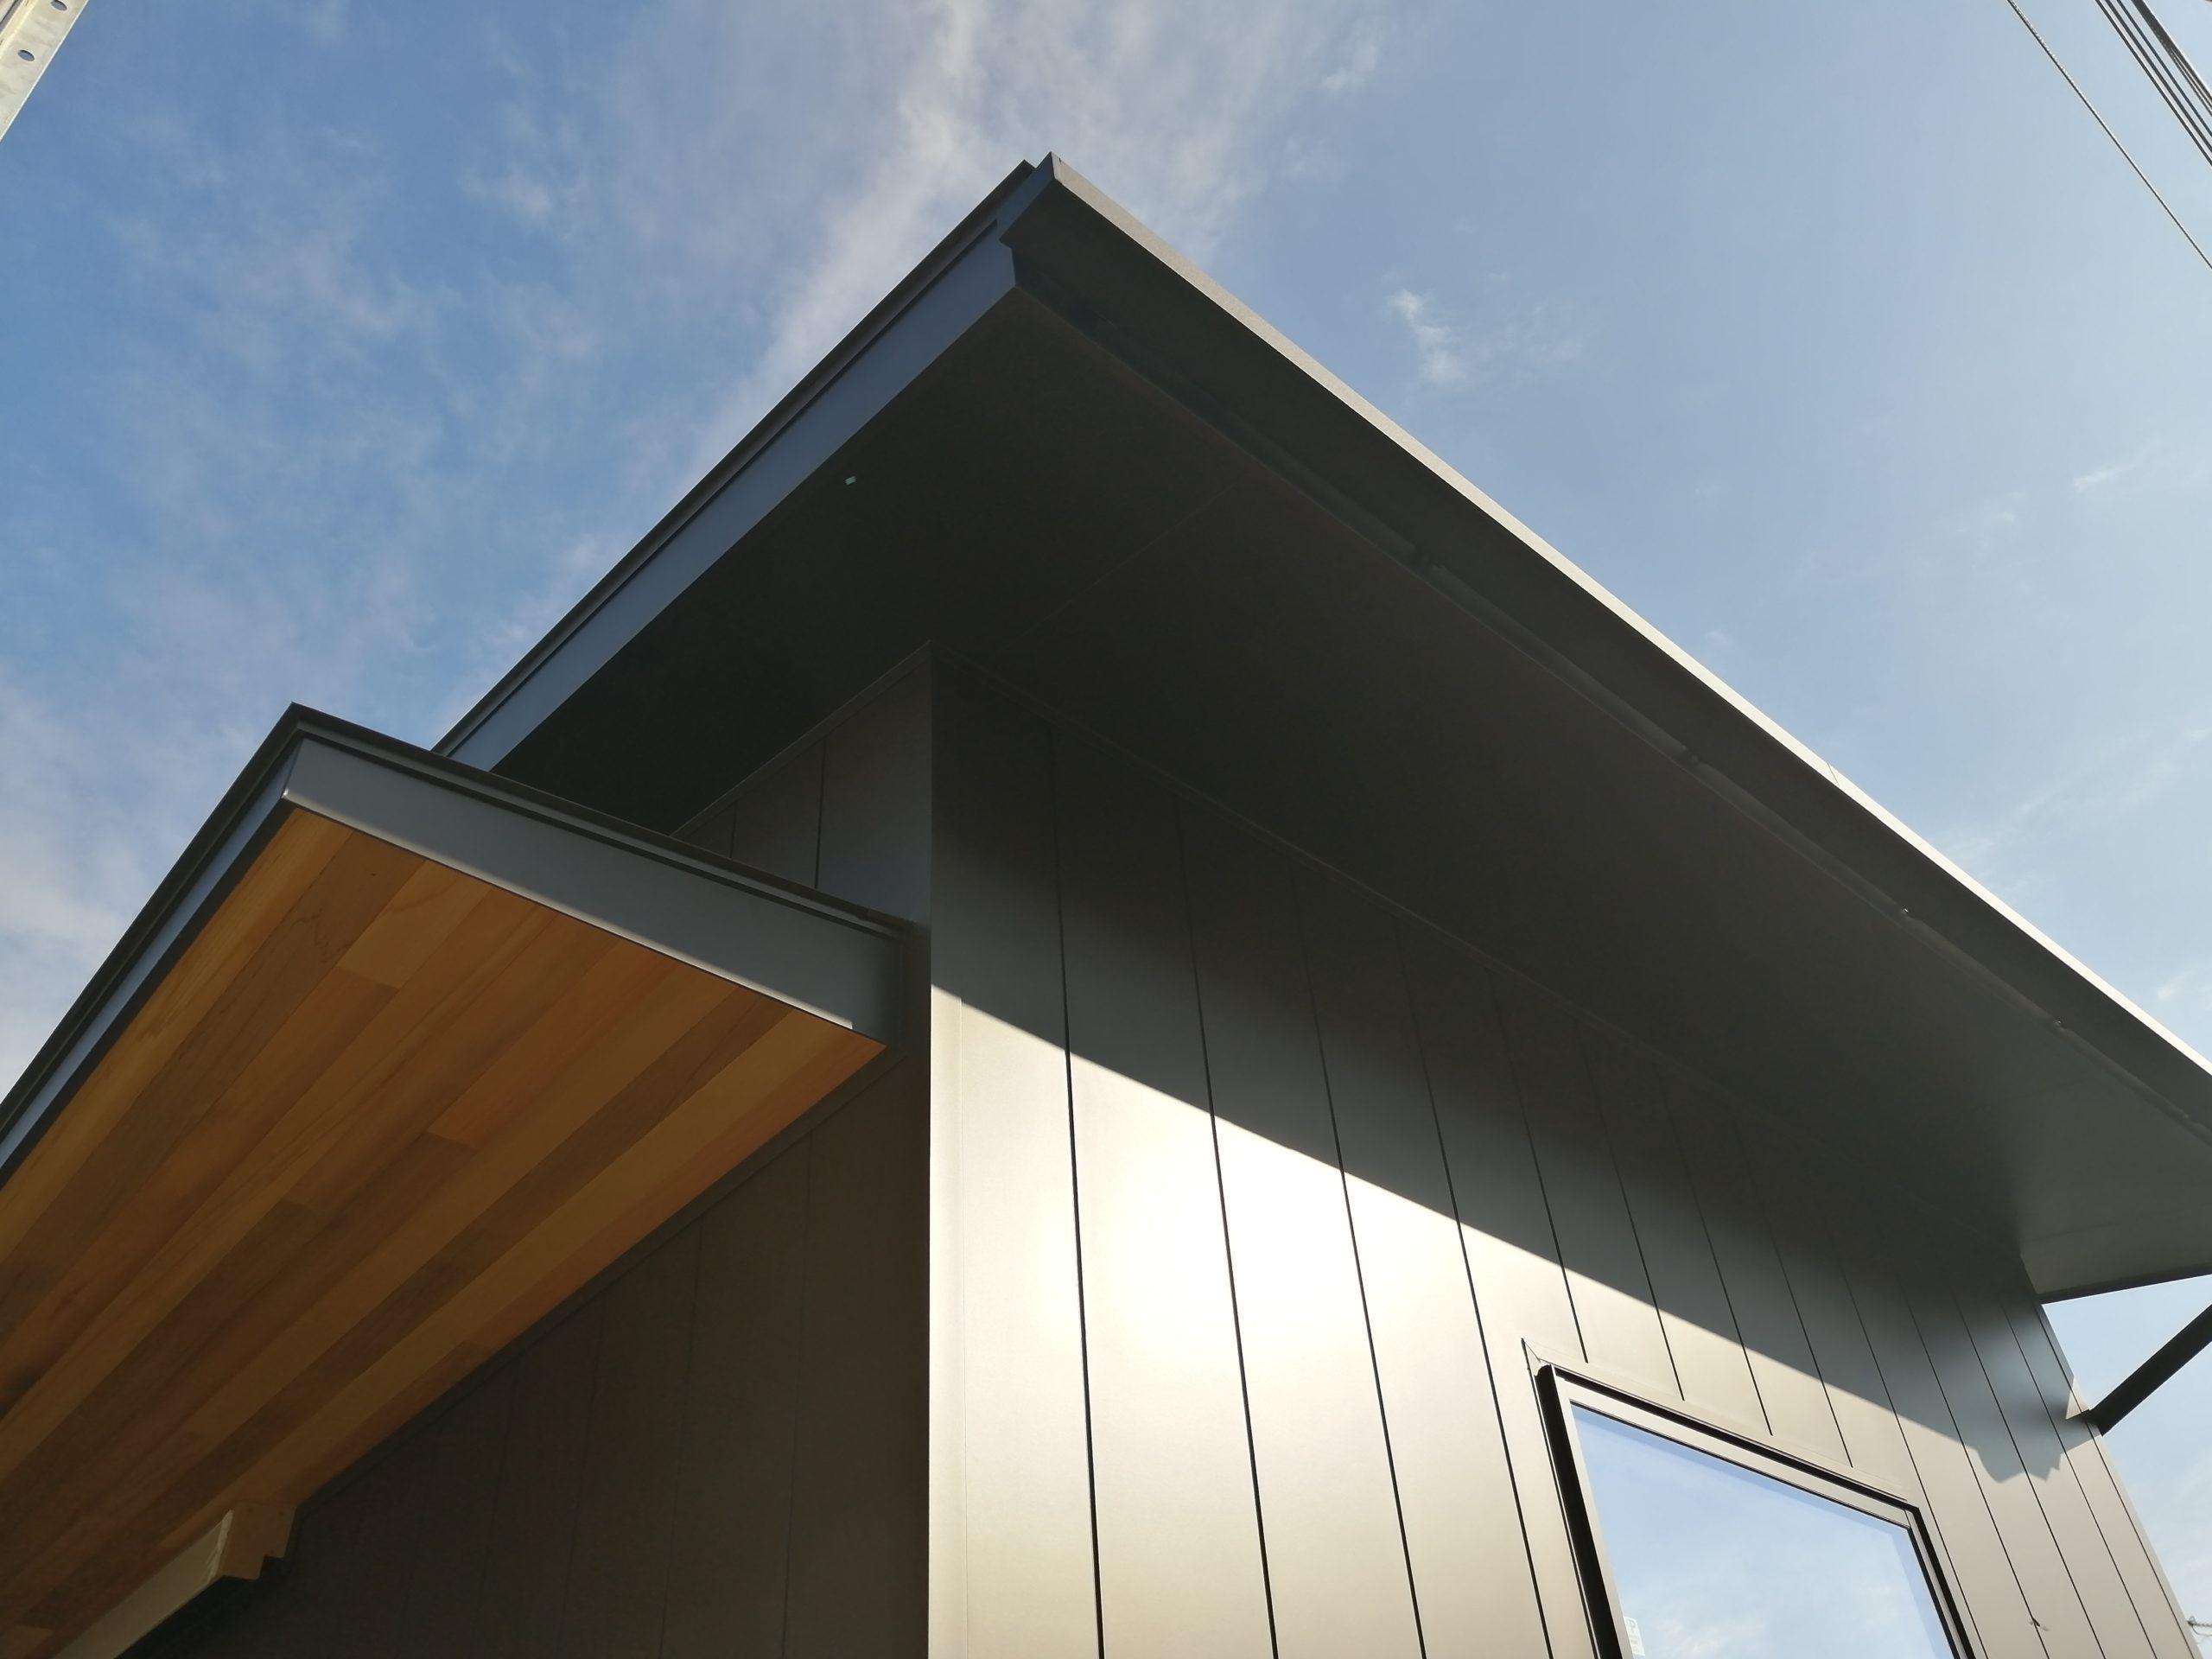 外壁はガルバリウム鋼板を採用